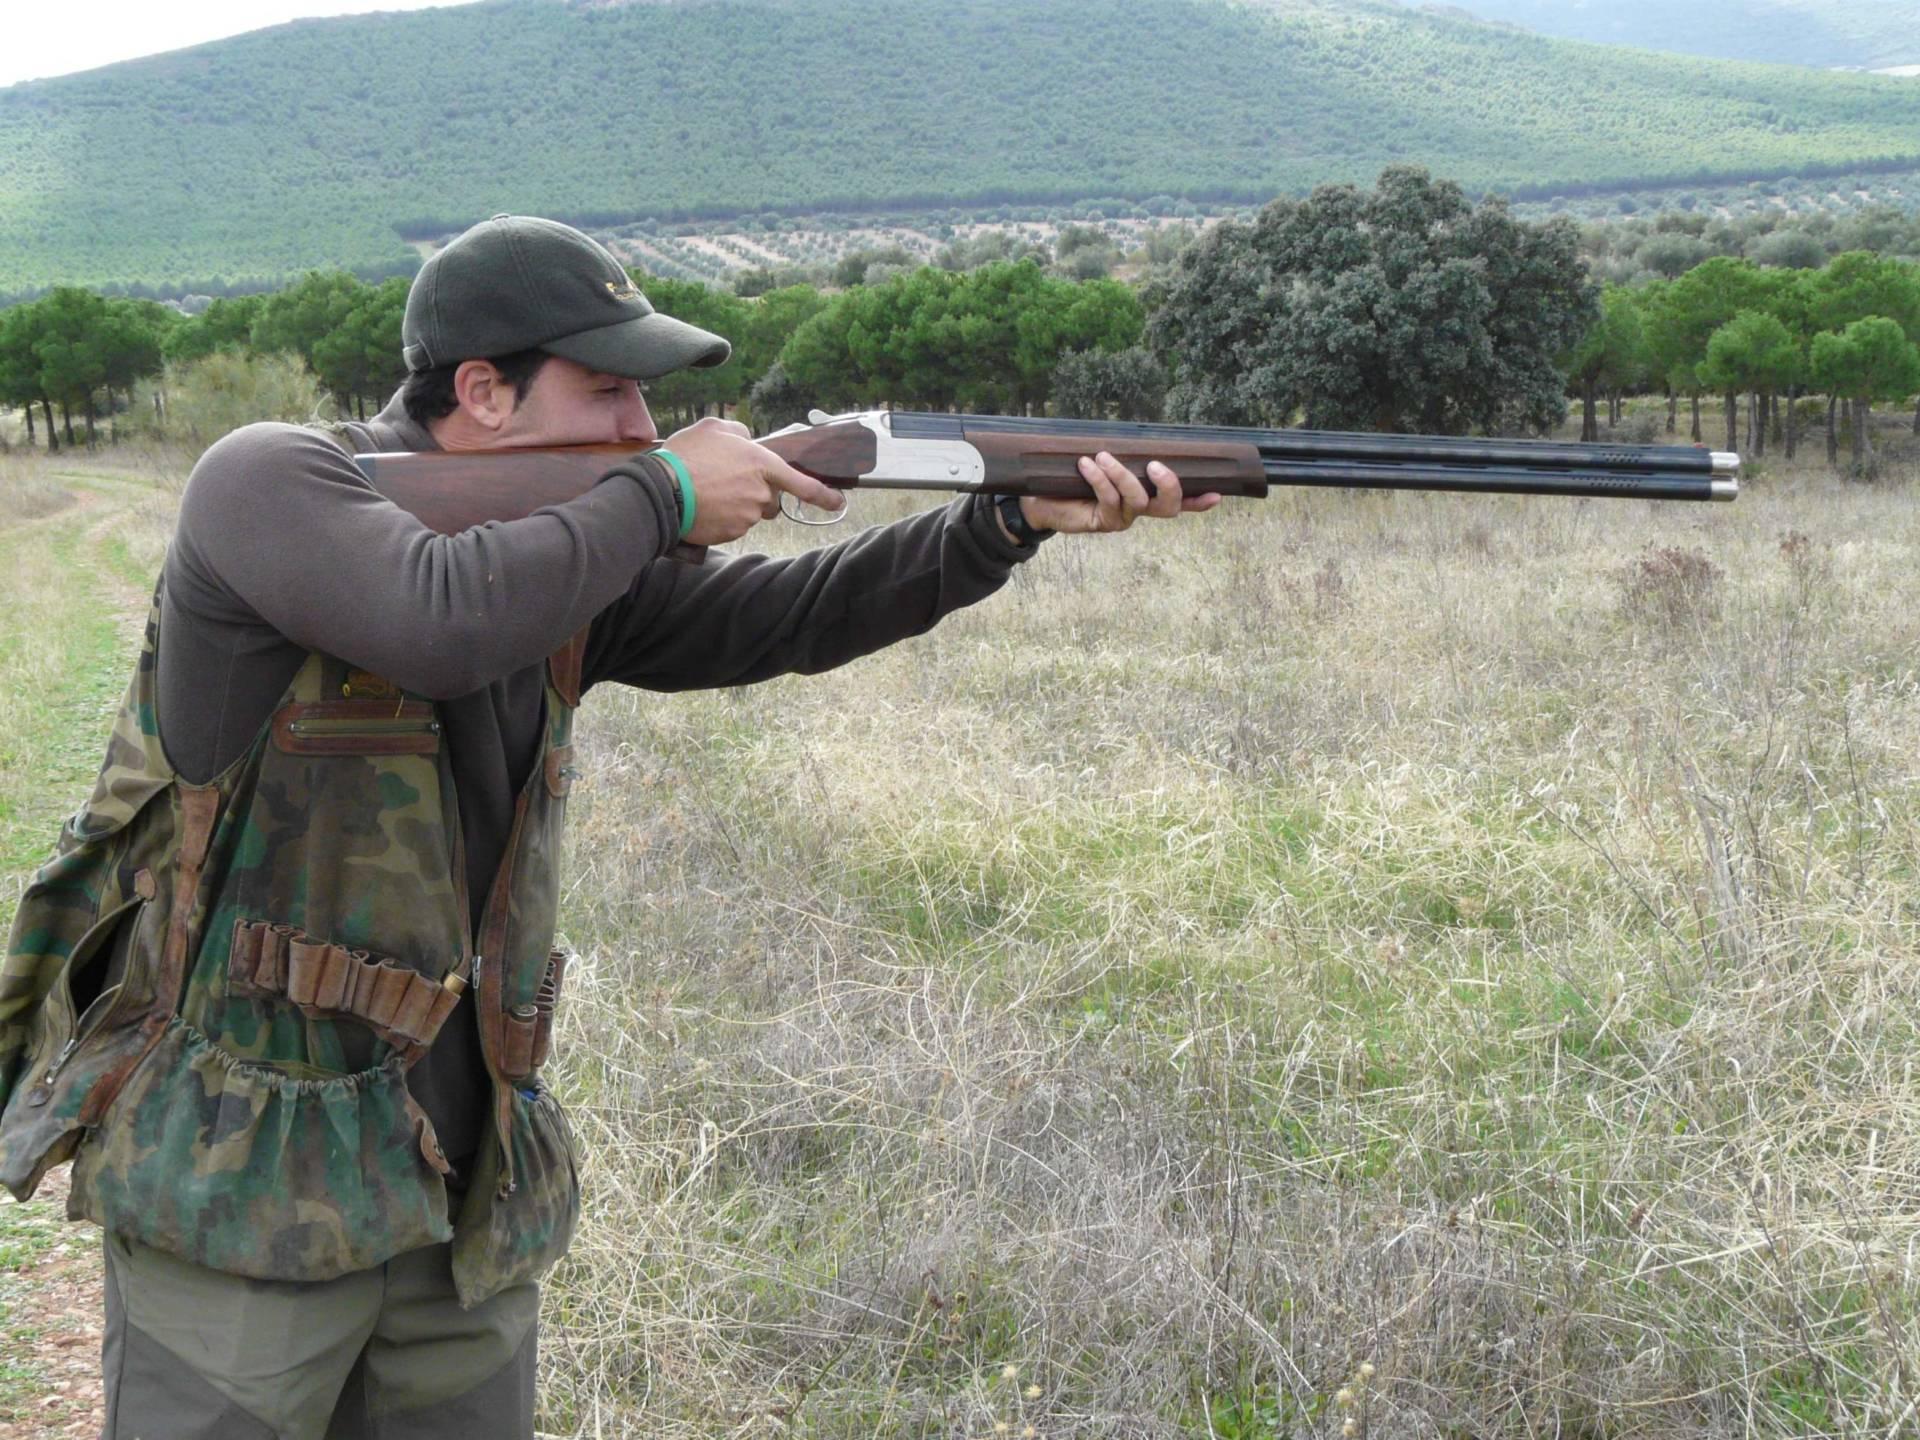 Madrid aprueba la licencia que permitirá cazar y pescar en siete autonomías con un único permiso